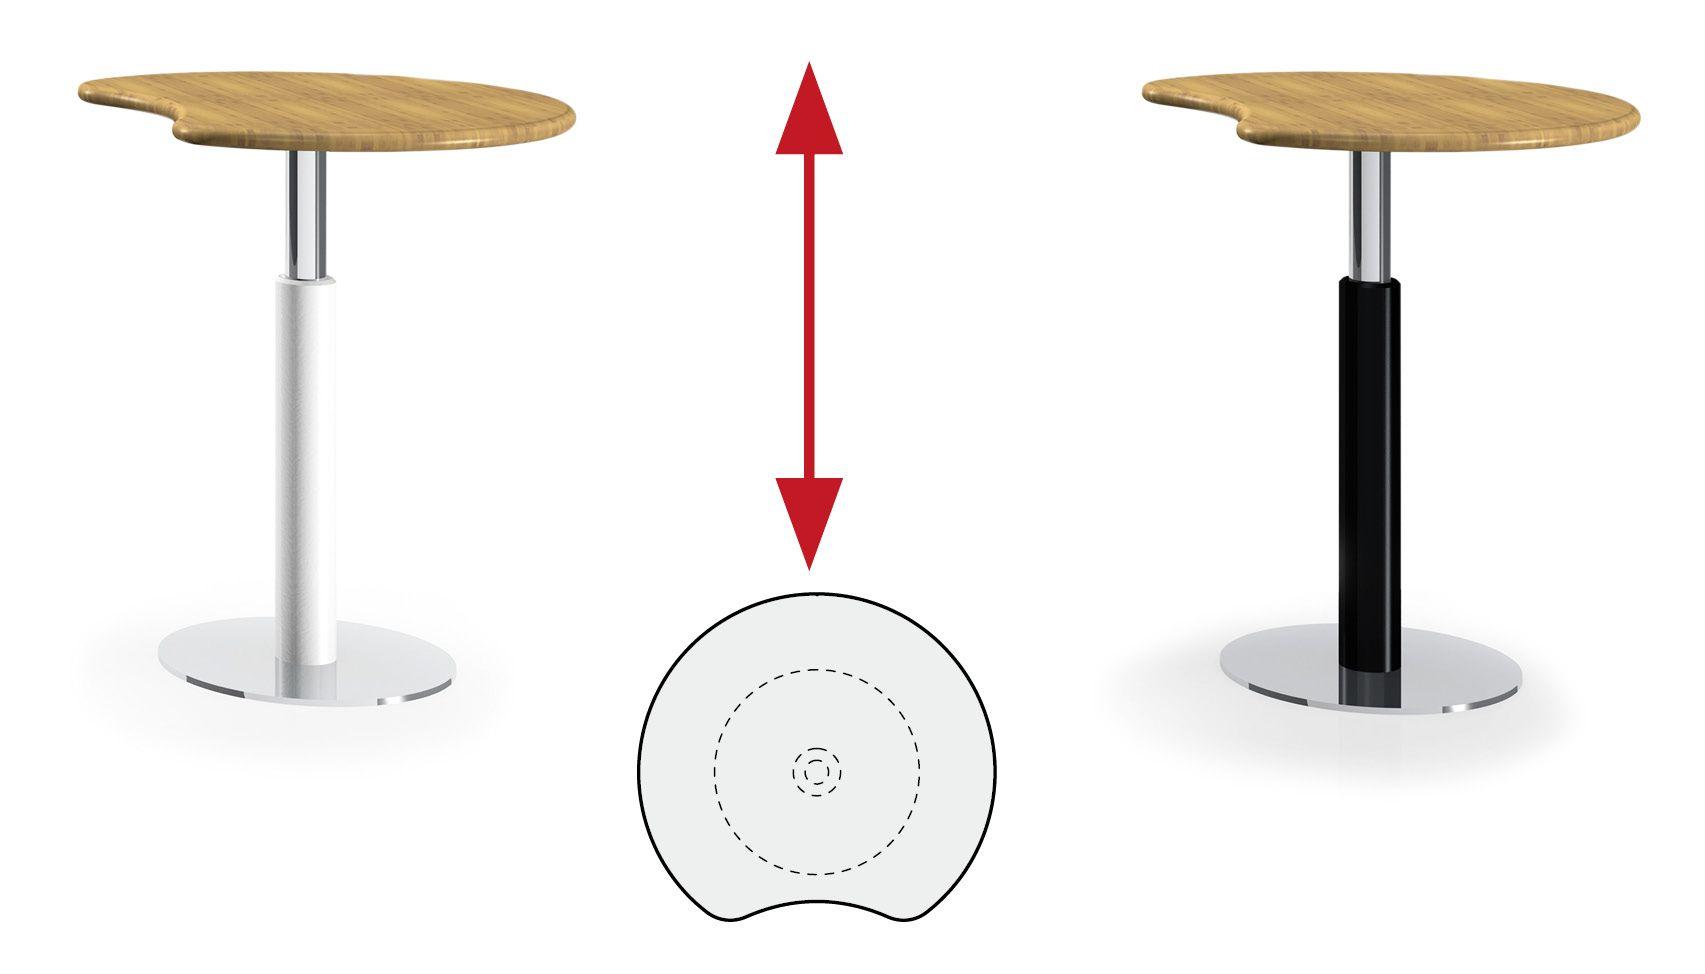 Bambus Hohenverstellbarer Besprechungstisch A09 Bambus Tisch Holz